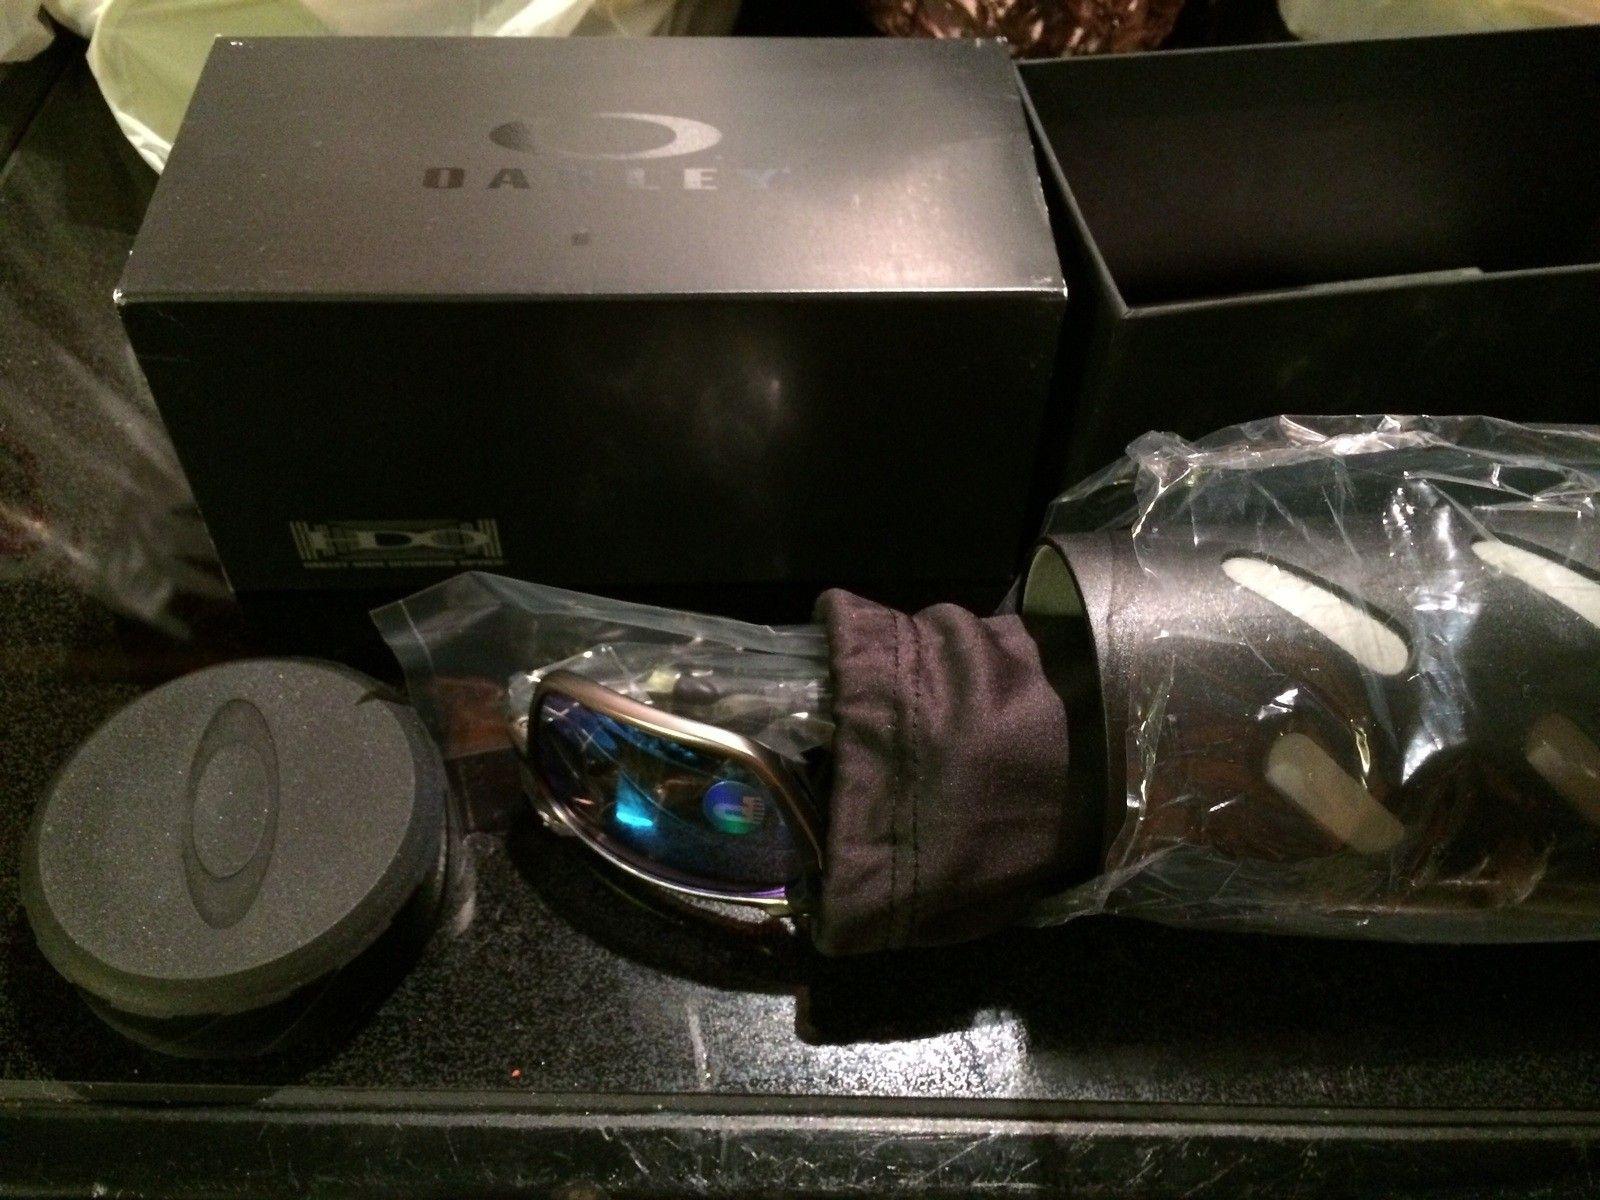 Badman BNIB Plasma/Sapphire ($300.00 shipped) - image.jpg